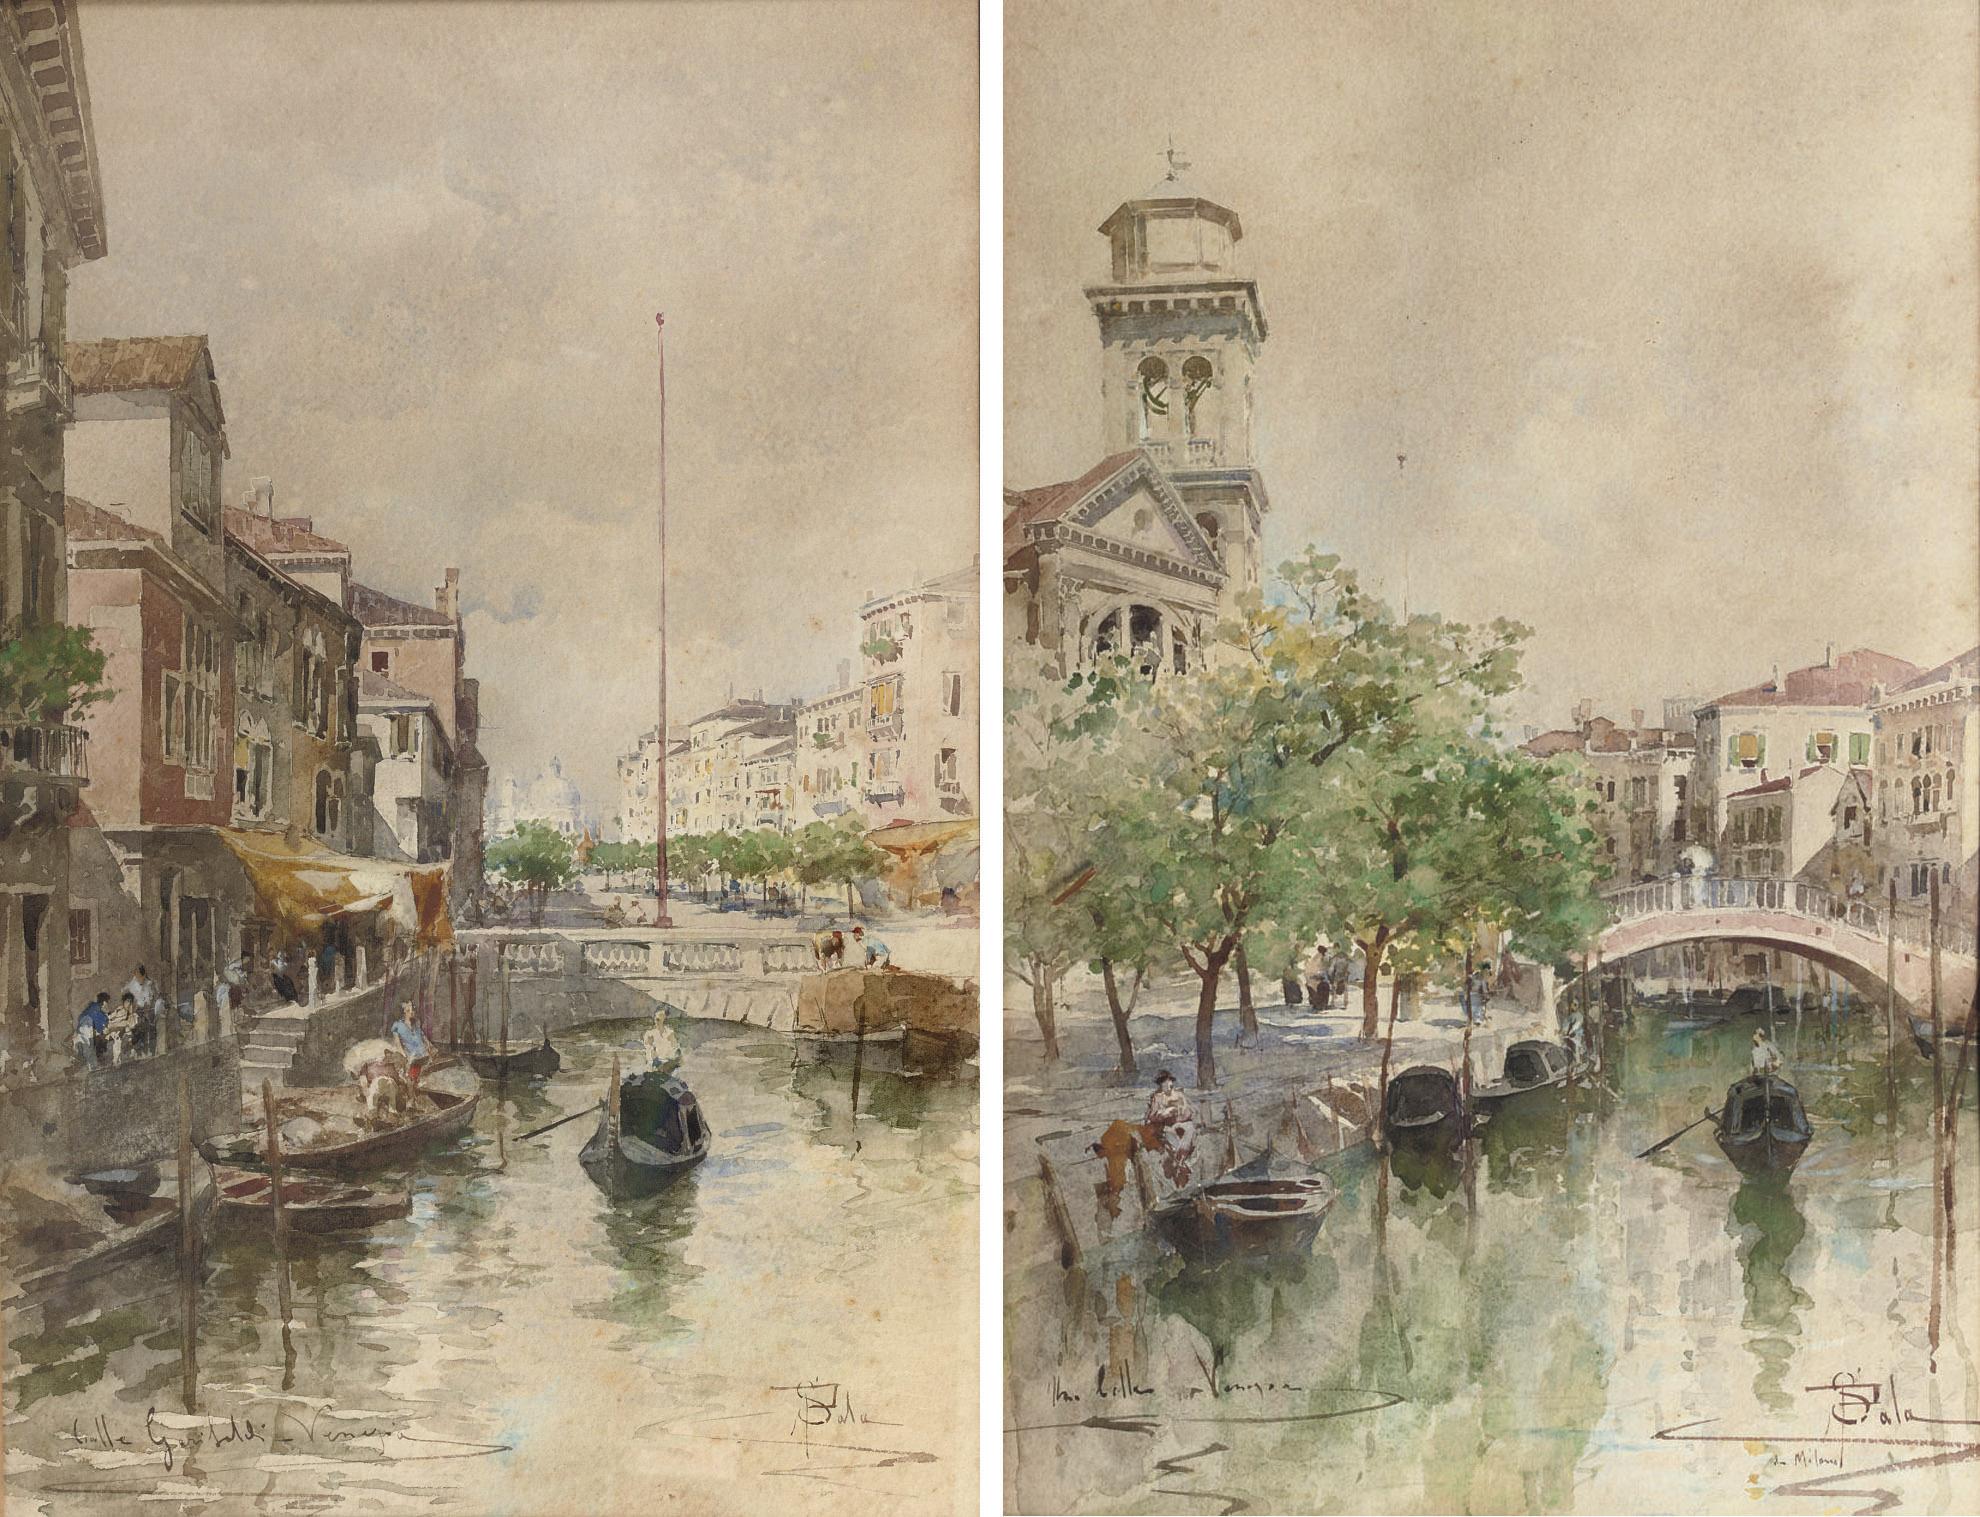 Calle Garibaldi, Venezia